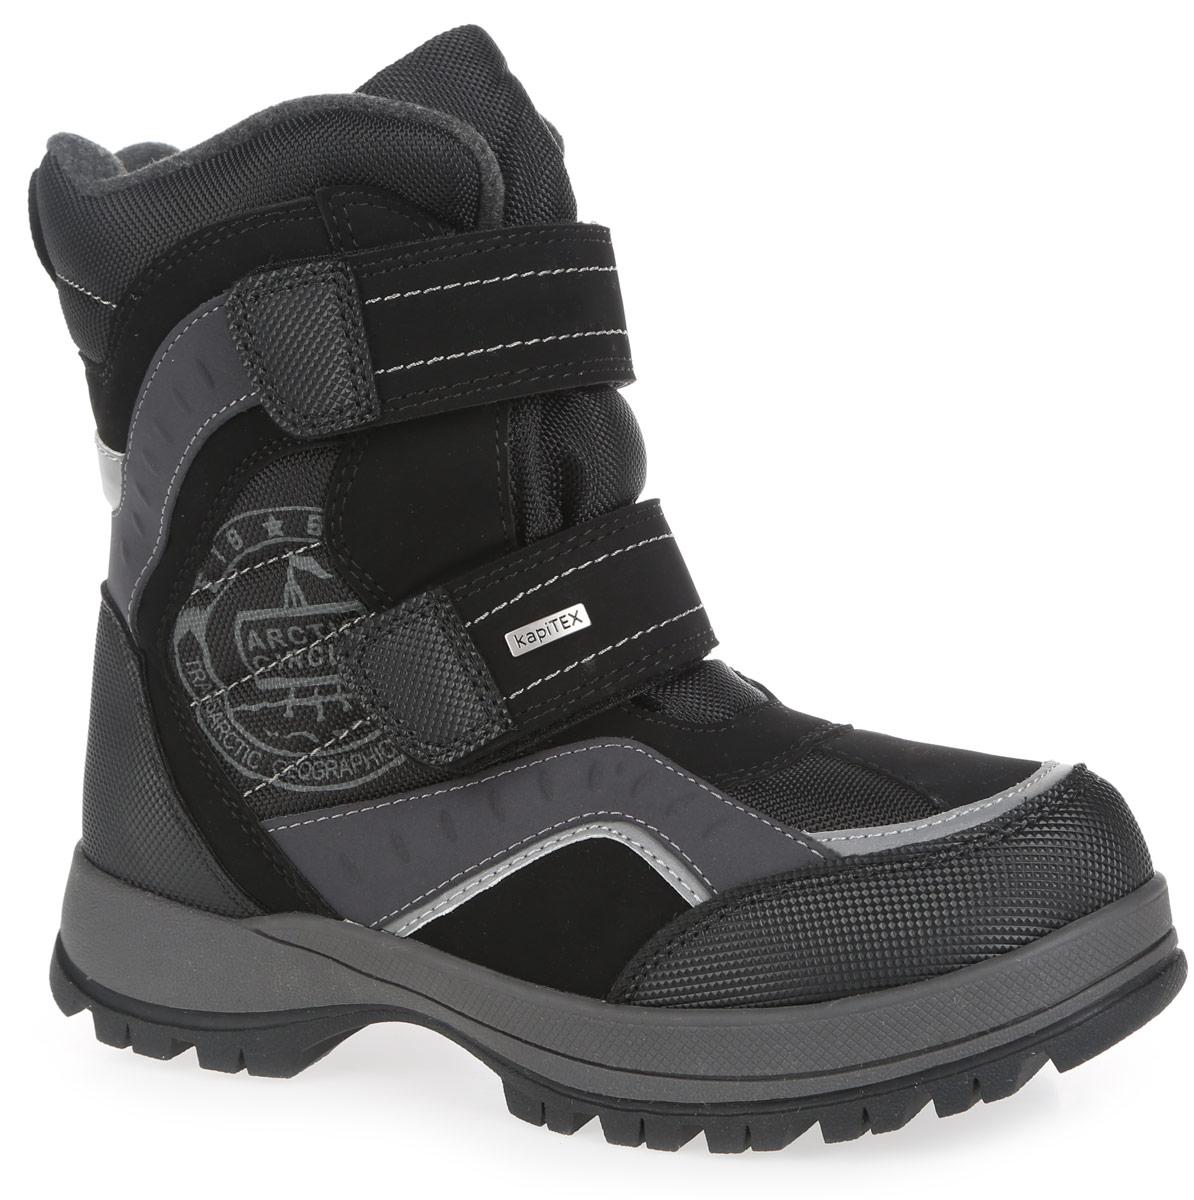 Ботинки для мальчика. 44155-144155-1Модные утепленные ботинки от Kapika согреют ноги вашего мальчика в холодную погоду. Ботинки, выполненные из искусственной кожи и плотного текстиля, оформлены контрастной прострочкой и светоотражающими вставками, сбоку - оригинальным принтом. Мембрана защитит обувь от промокания, обеспечит своевременное отведением естественного испарения тела и сохранение комфортного микроклимата внутри обуви. Подкладка из искусственного меха и натуральной шерсти не даст ногам замерзнуть. Стелька из искусственного меха обеспечит тепло и циркуляцию воздуха. Ремешки с застежками-липучками надежно зафиксируют изделие на ноге. Подошва с рифлением обеспечивает отличное сцепление с любой поверхностью. Стильные ботинки - незаменимая вещь в гардеробе каждого мальчика!